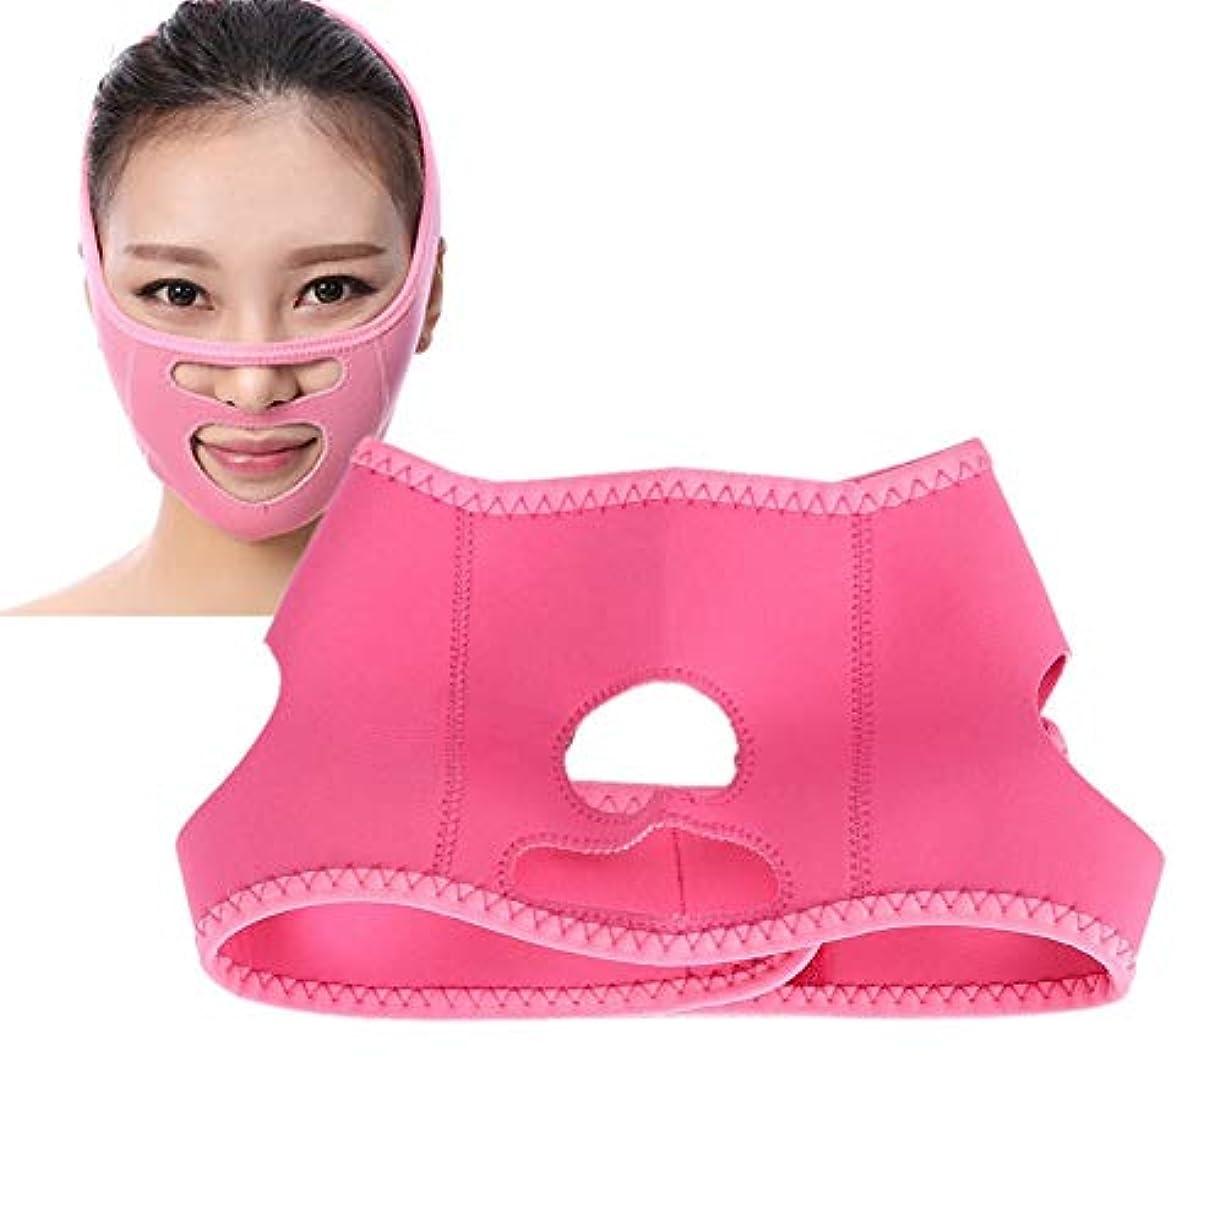 デジタルスピーカーやけどフェイスマスク 低反発素材 通気 小顔 矯正 顔痩せ 筋肉弛緩 二重あご 補正ベルト